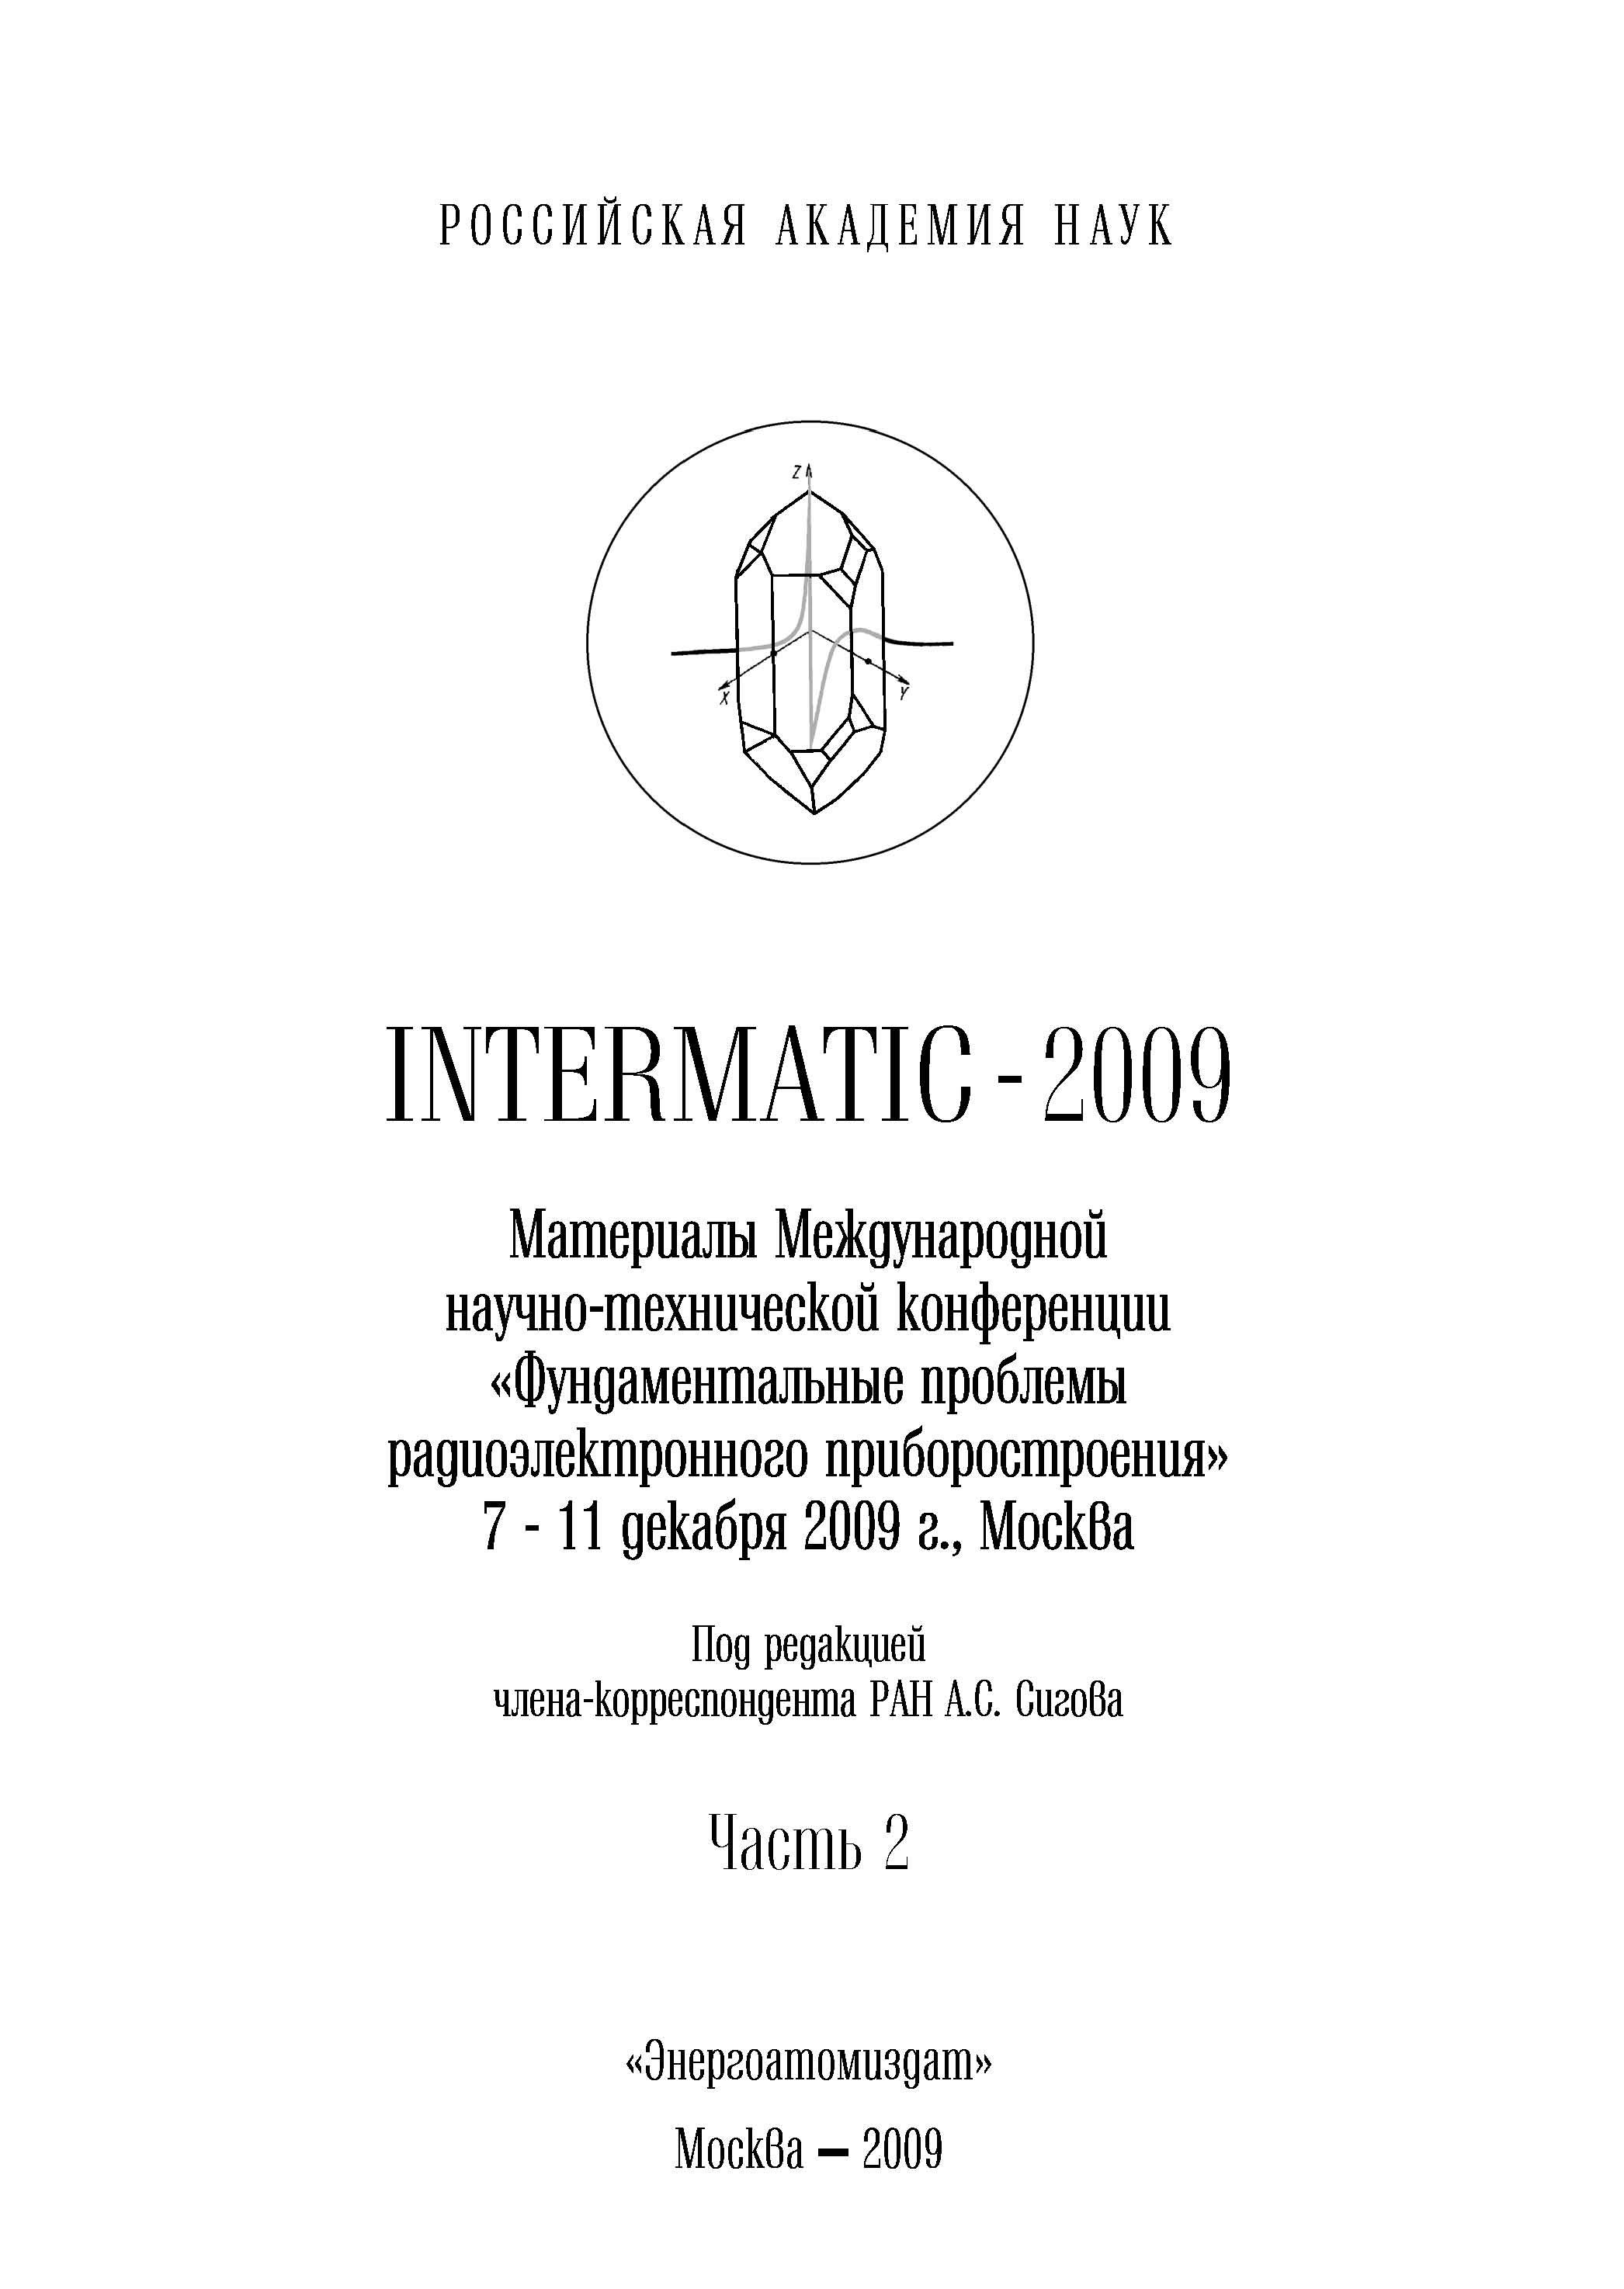 INTERMATIC - 2009. Материалы Международной научно-технической конференции «Фундаментальные проблемы радиоэлектронного приборостроения», 7 - 11 декабря 2009 г., Москва